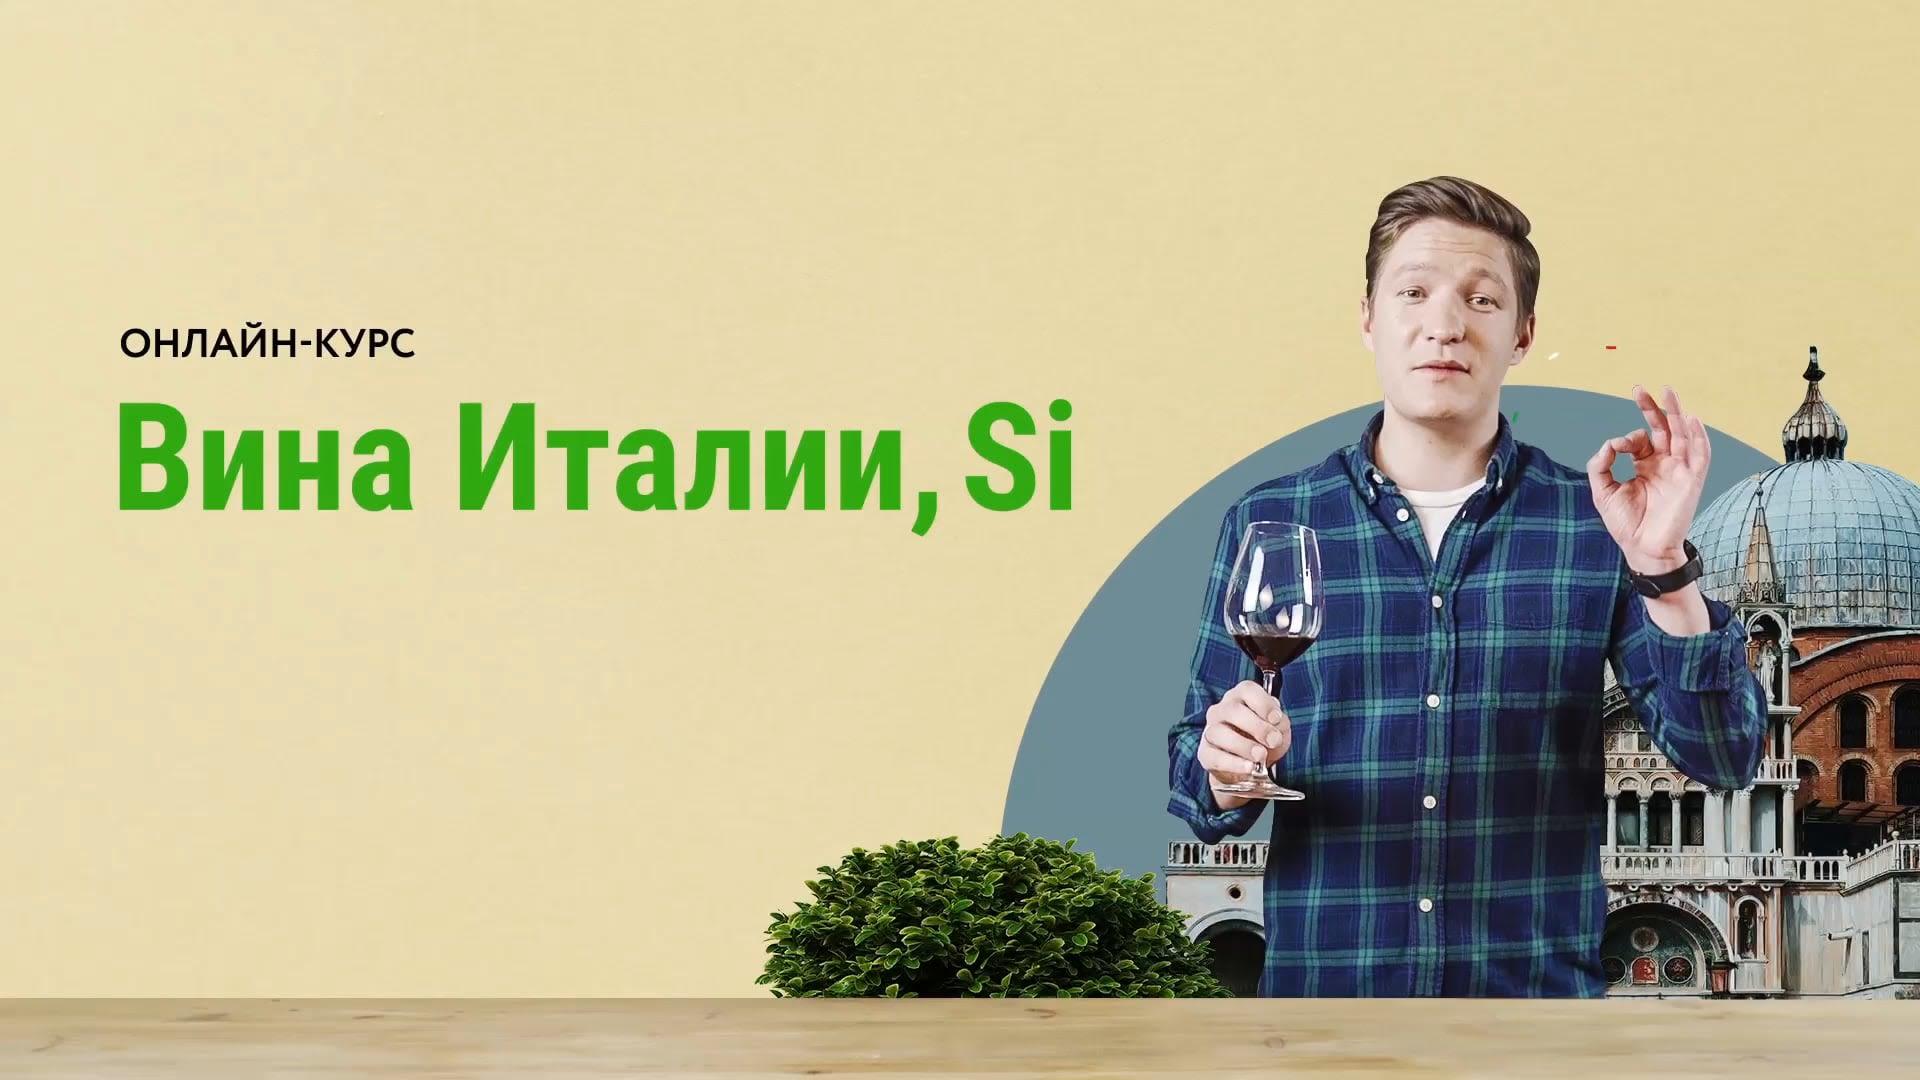 1. История итальянского виноделия